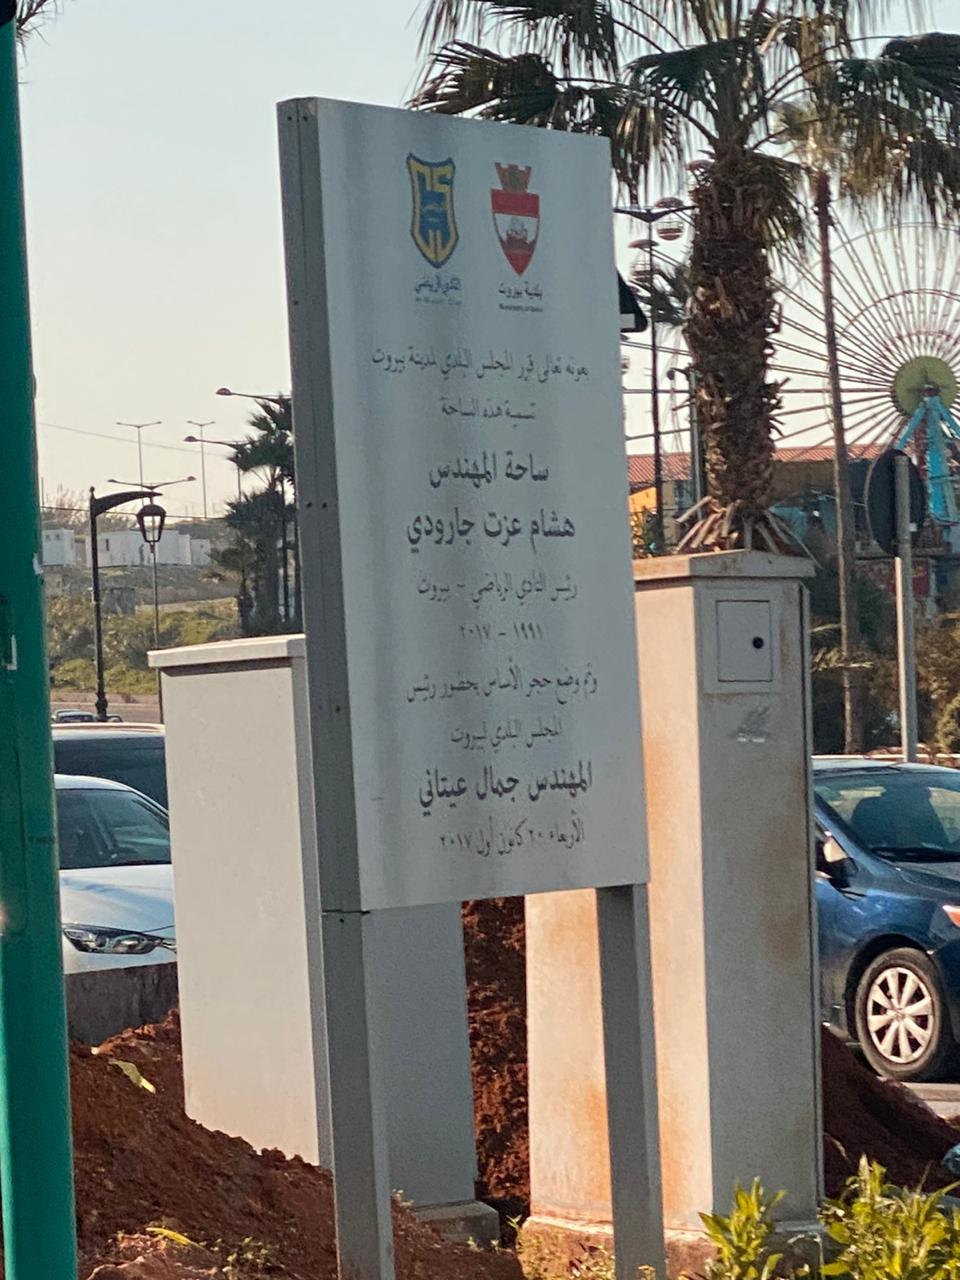 بلدية بيروت والانفصام عن الناس